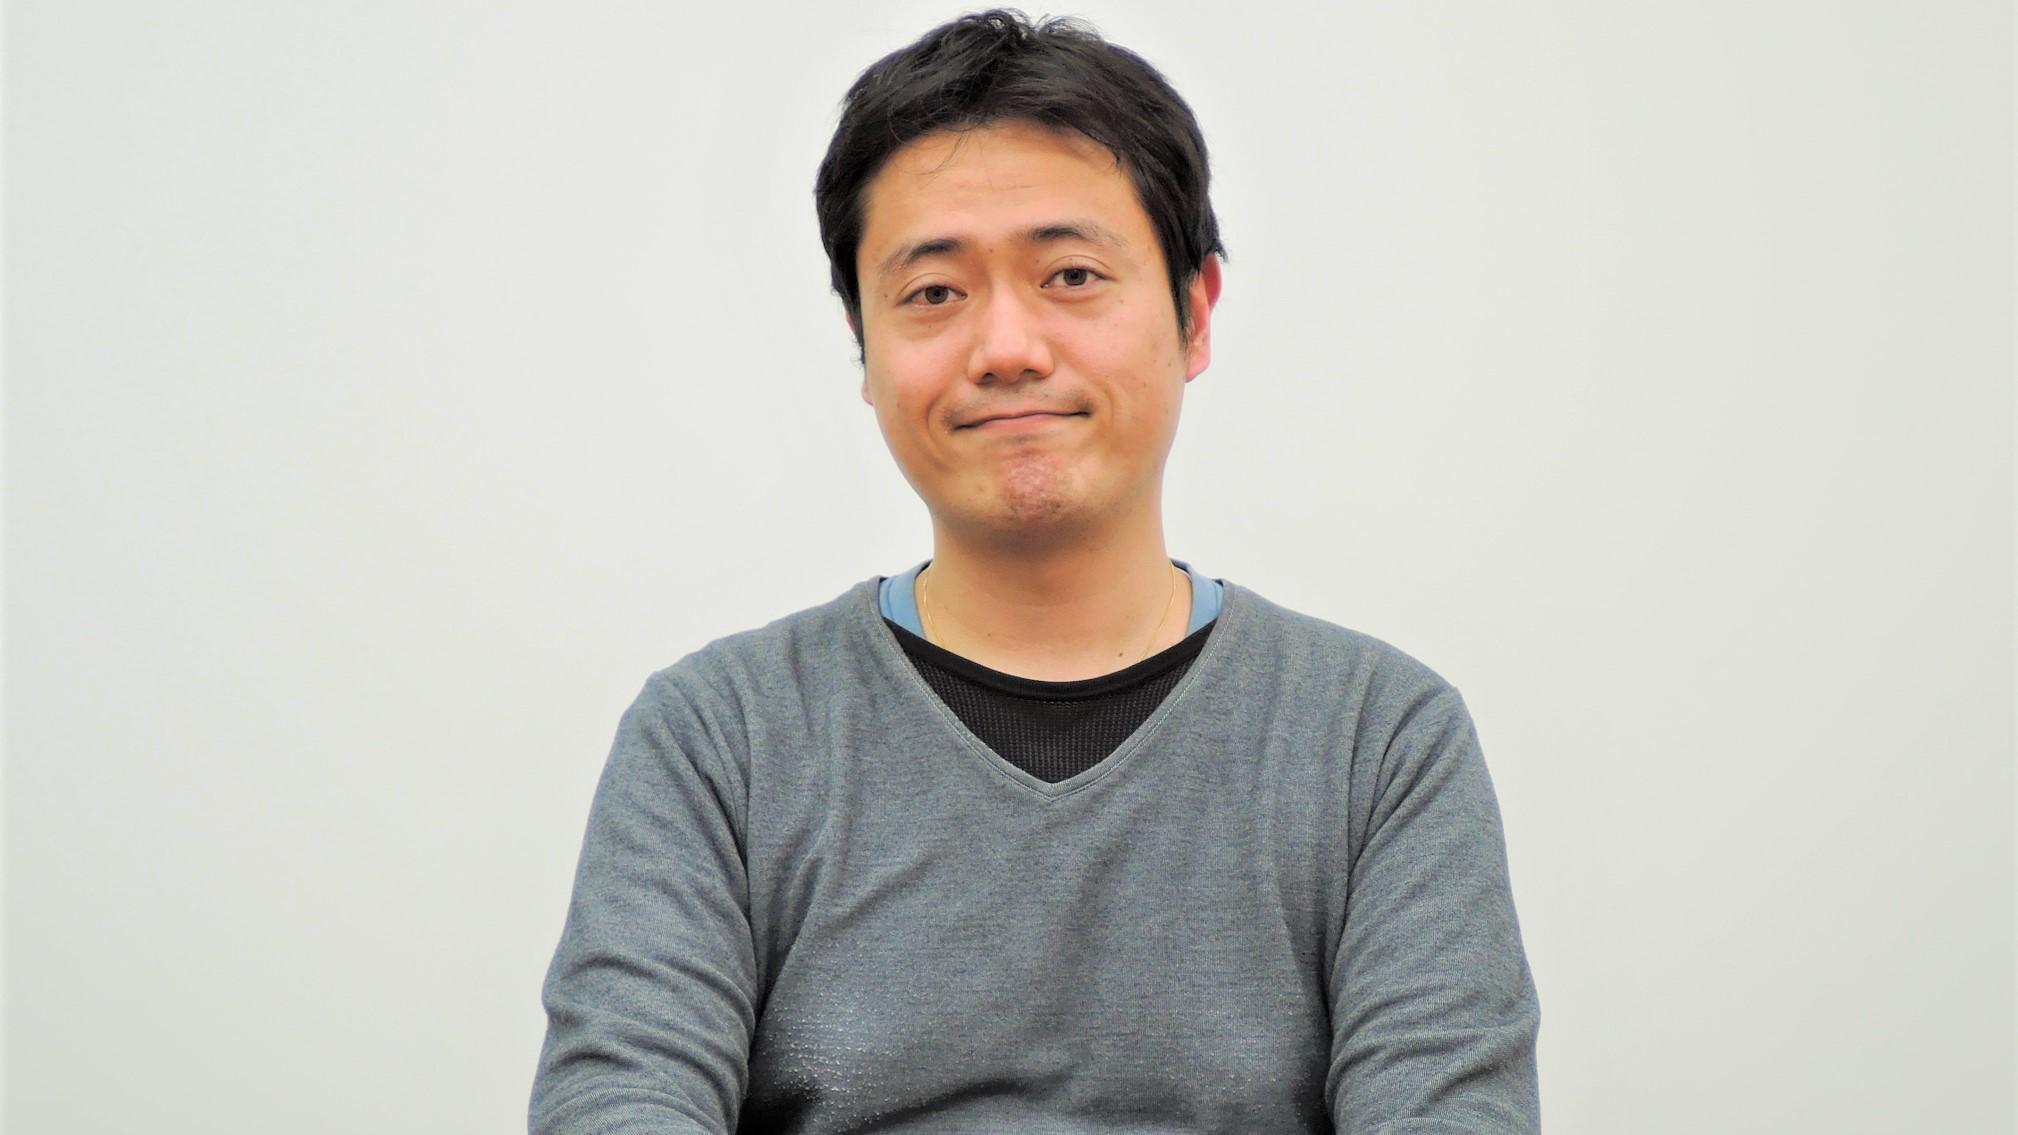 社員インタビューメインの須田山の画像です。